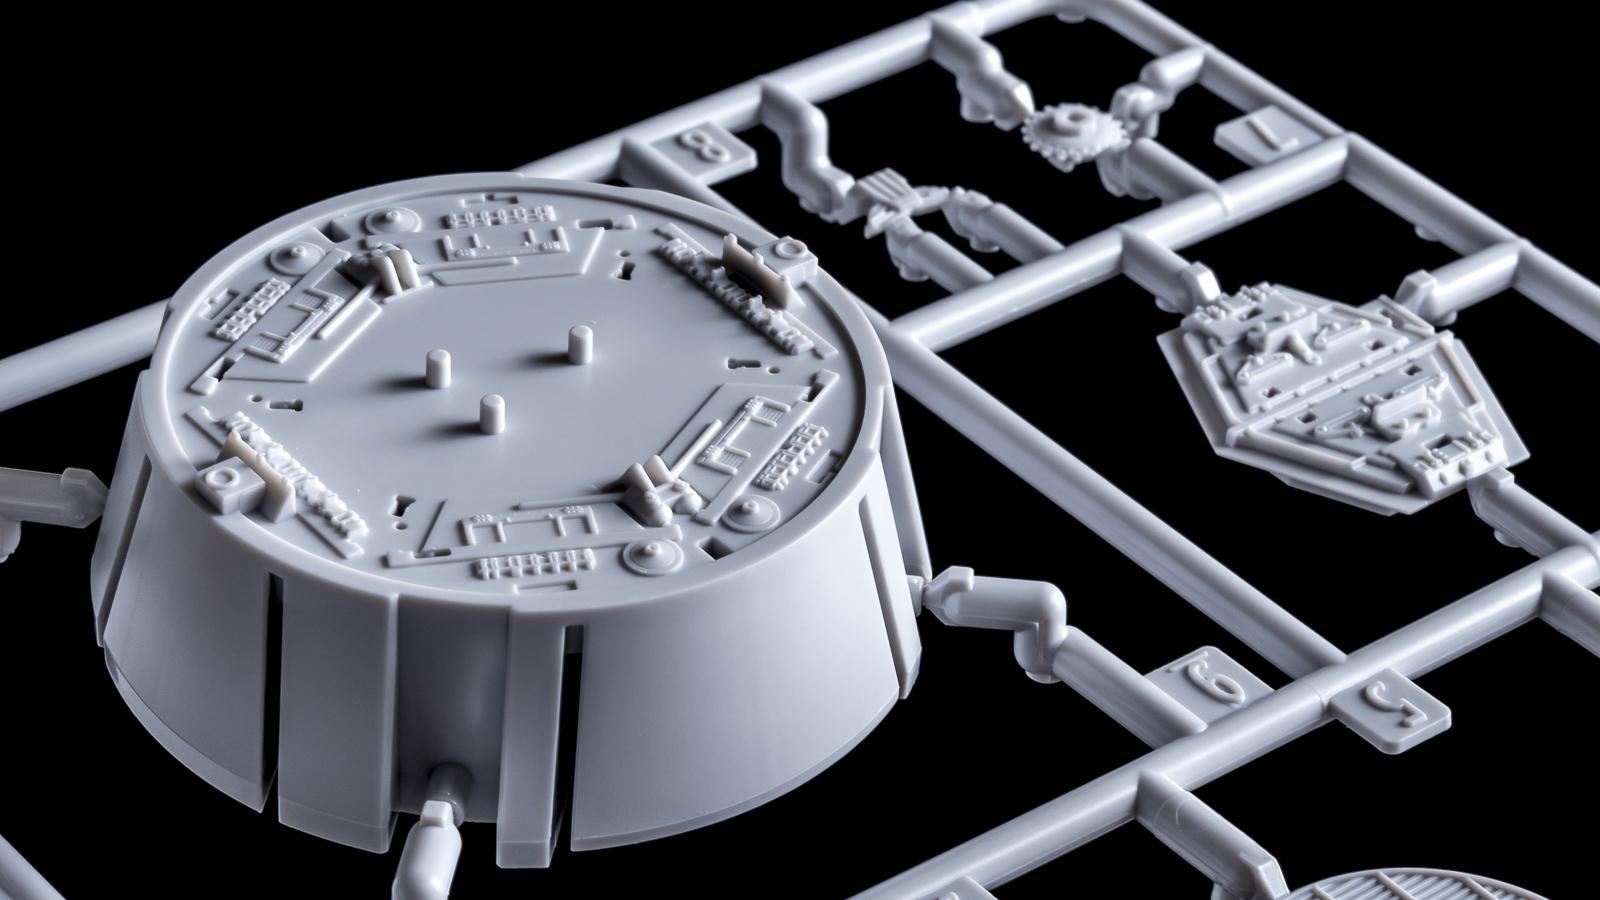 """「模型で作った模型の模型」、バンダイのミレニアムファルコンが持つ\""""パーフェクト\""""の意味【前編】_b0029315_00301394.jpg"""